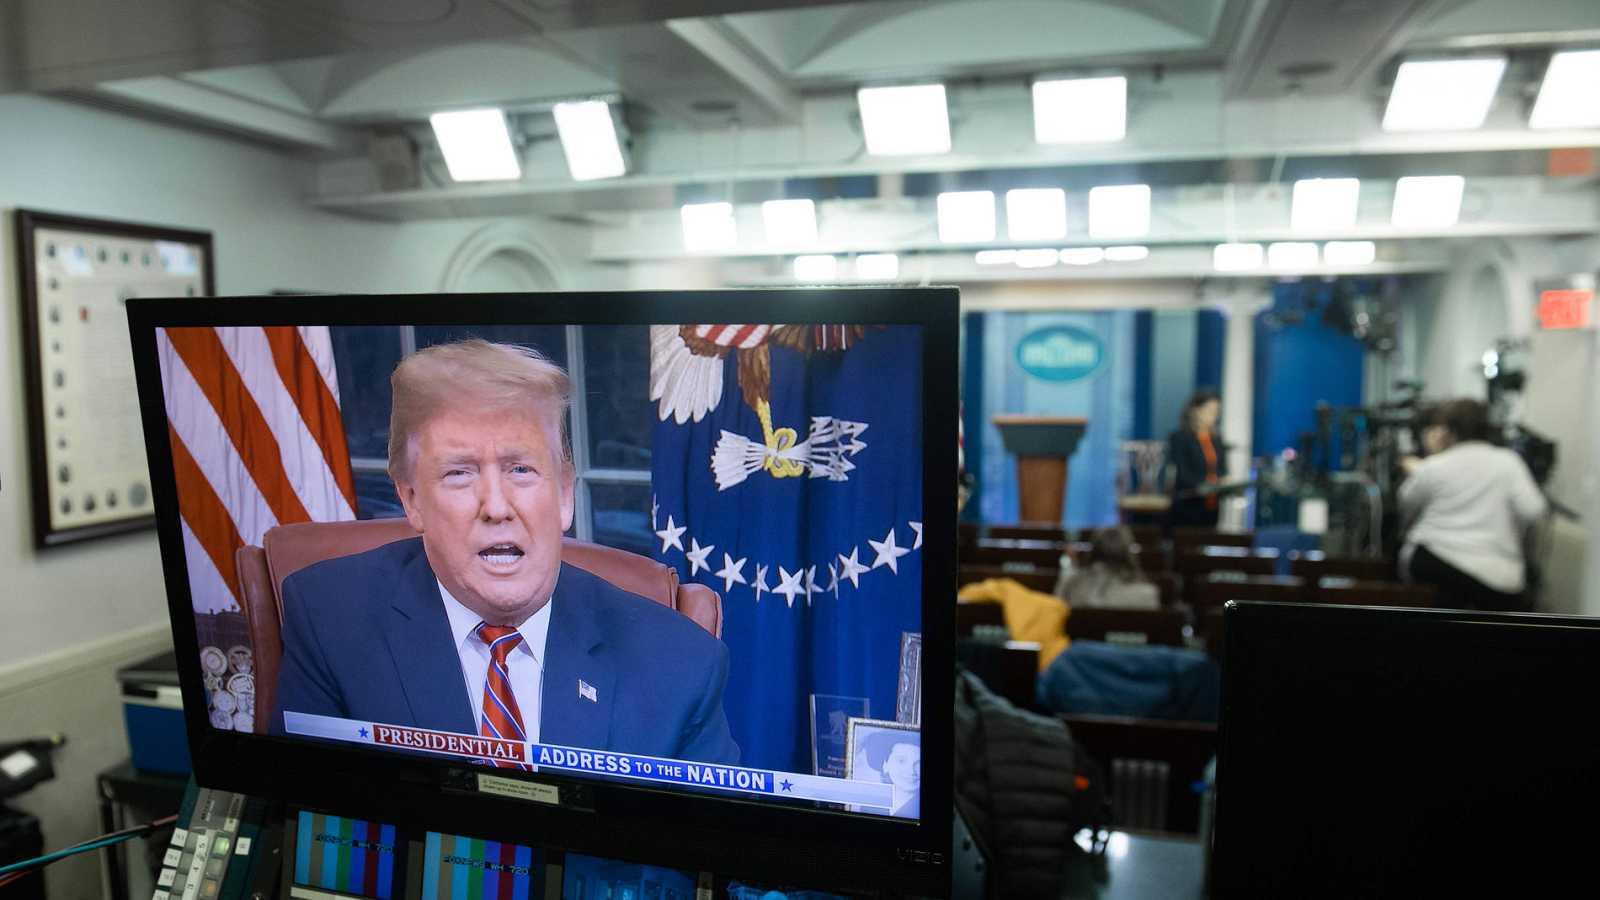 La prensa estadounidense cuestiona la existencia de una crisis en la frontera con México como dice Trump